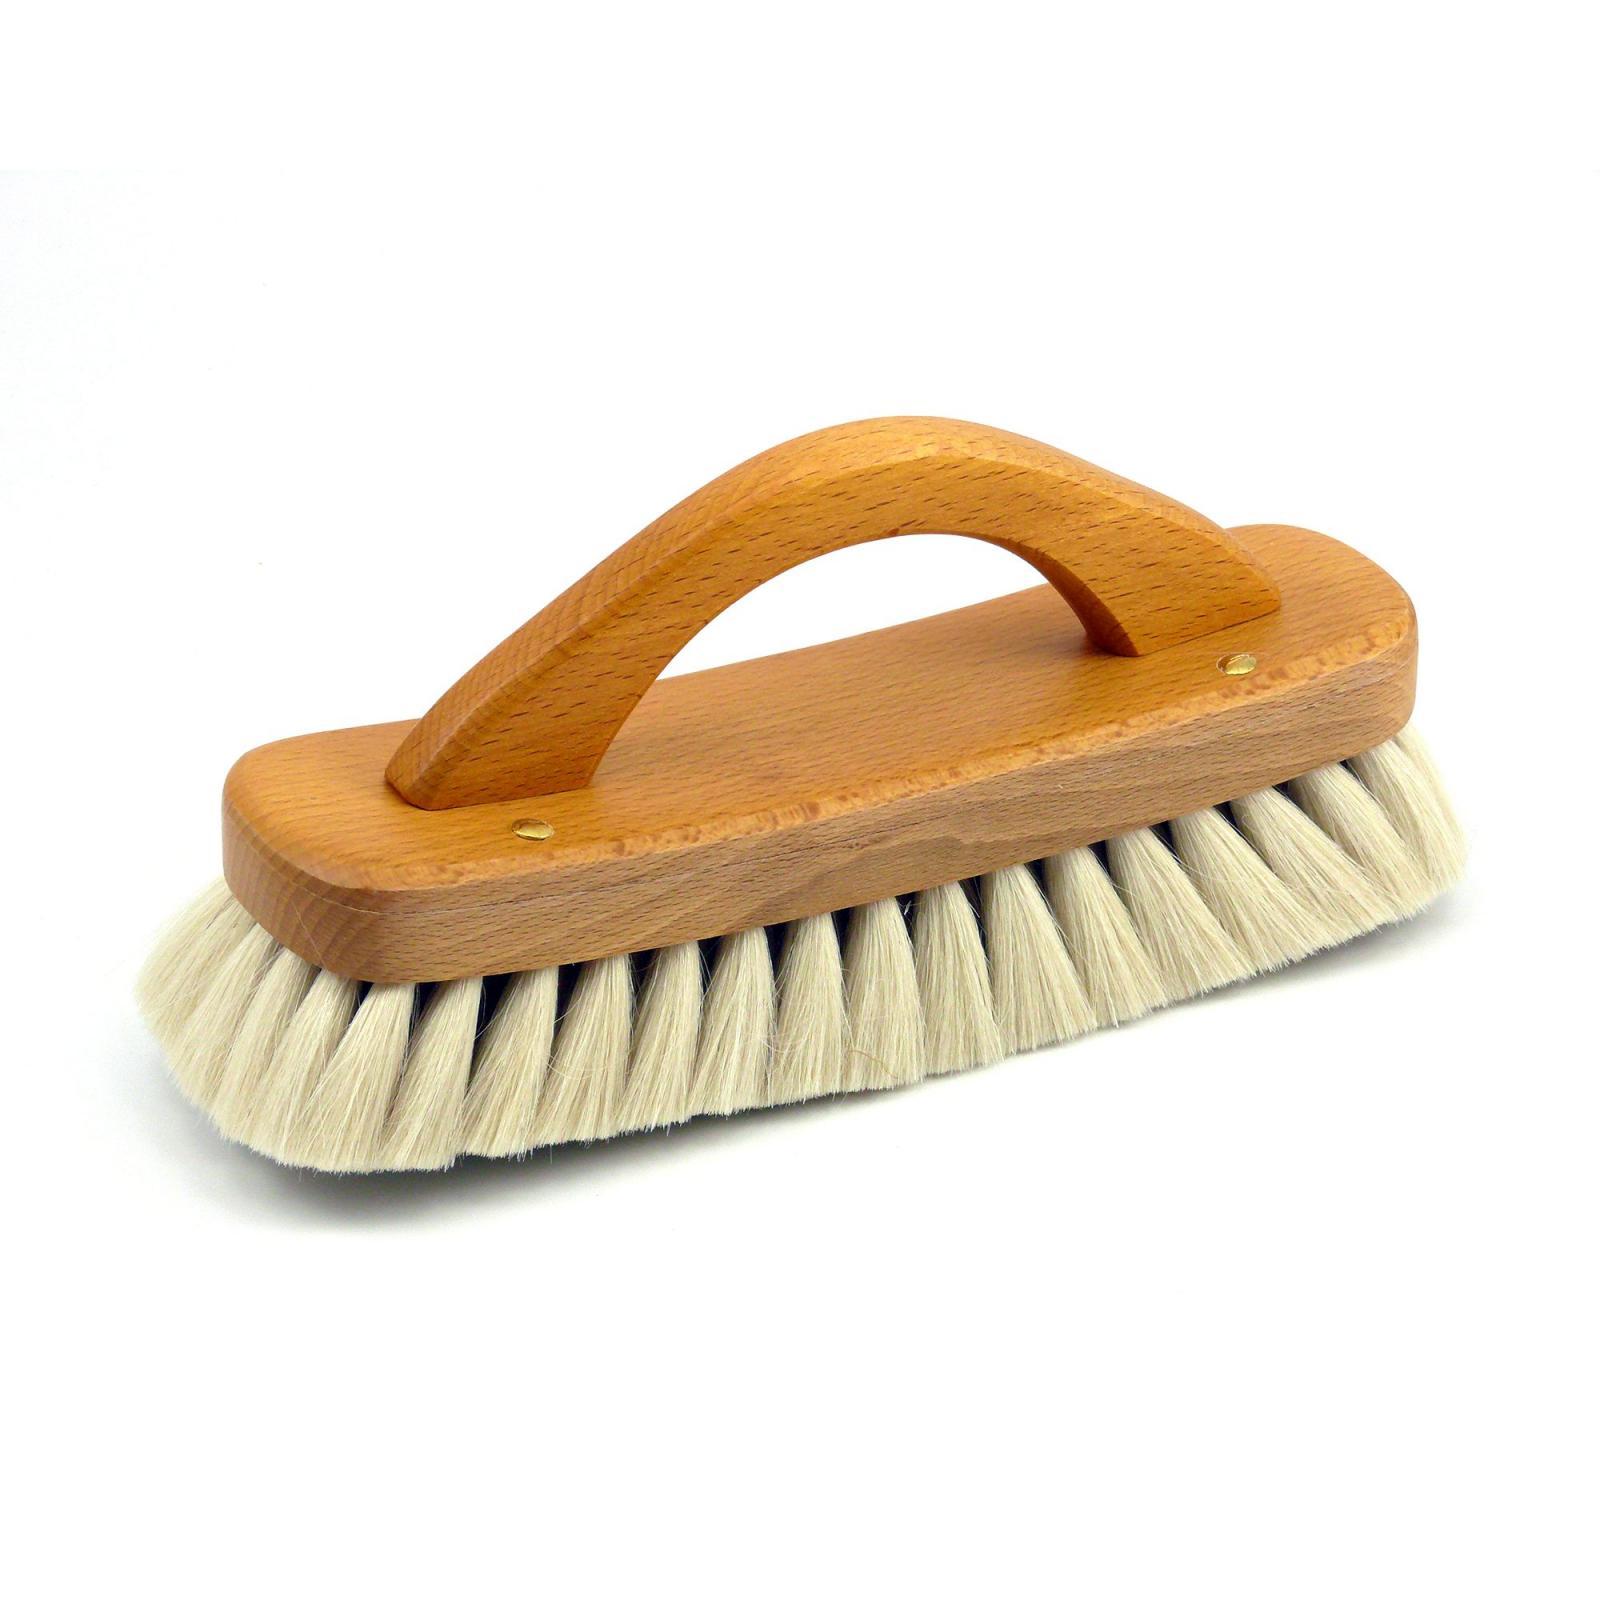 Redecker Lešticí kartáč na boty z bukového dřeva s rukojetí, světlý 21 cm